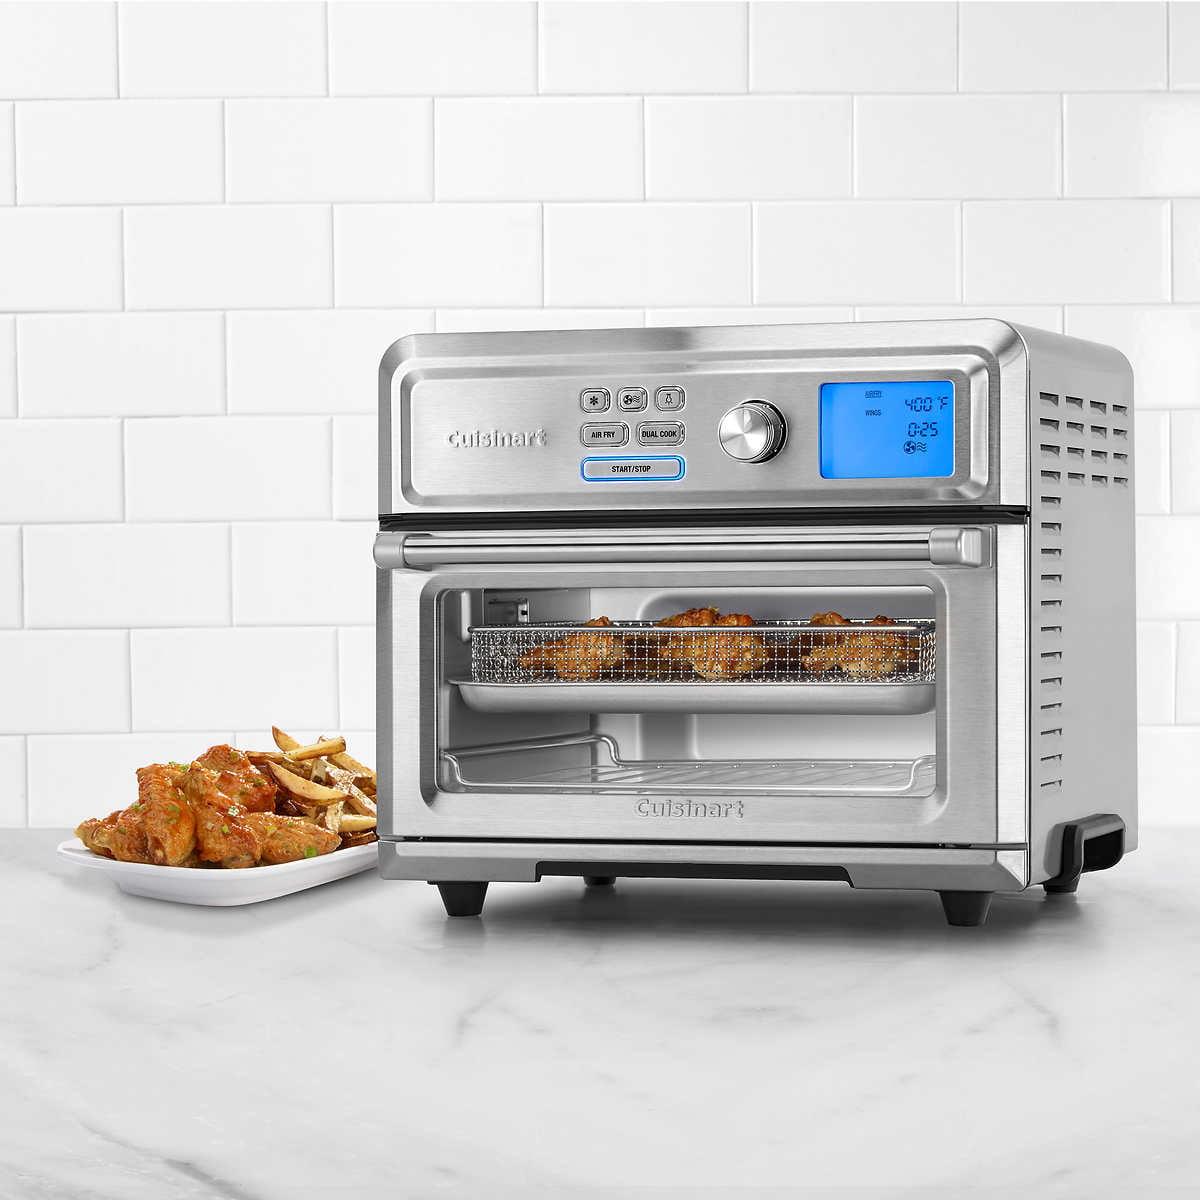 Cuisinart Digital Airfryer Toaster Oven Walmart Com Walmart Com